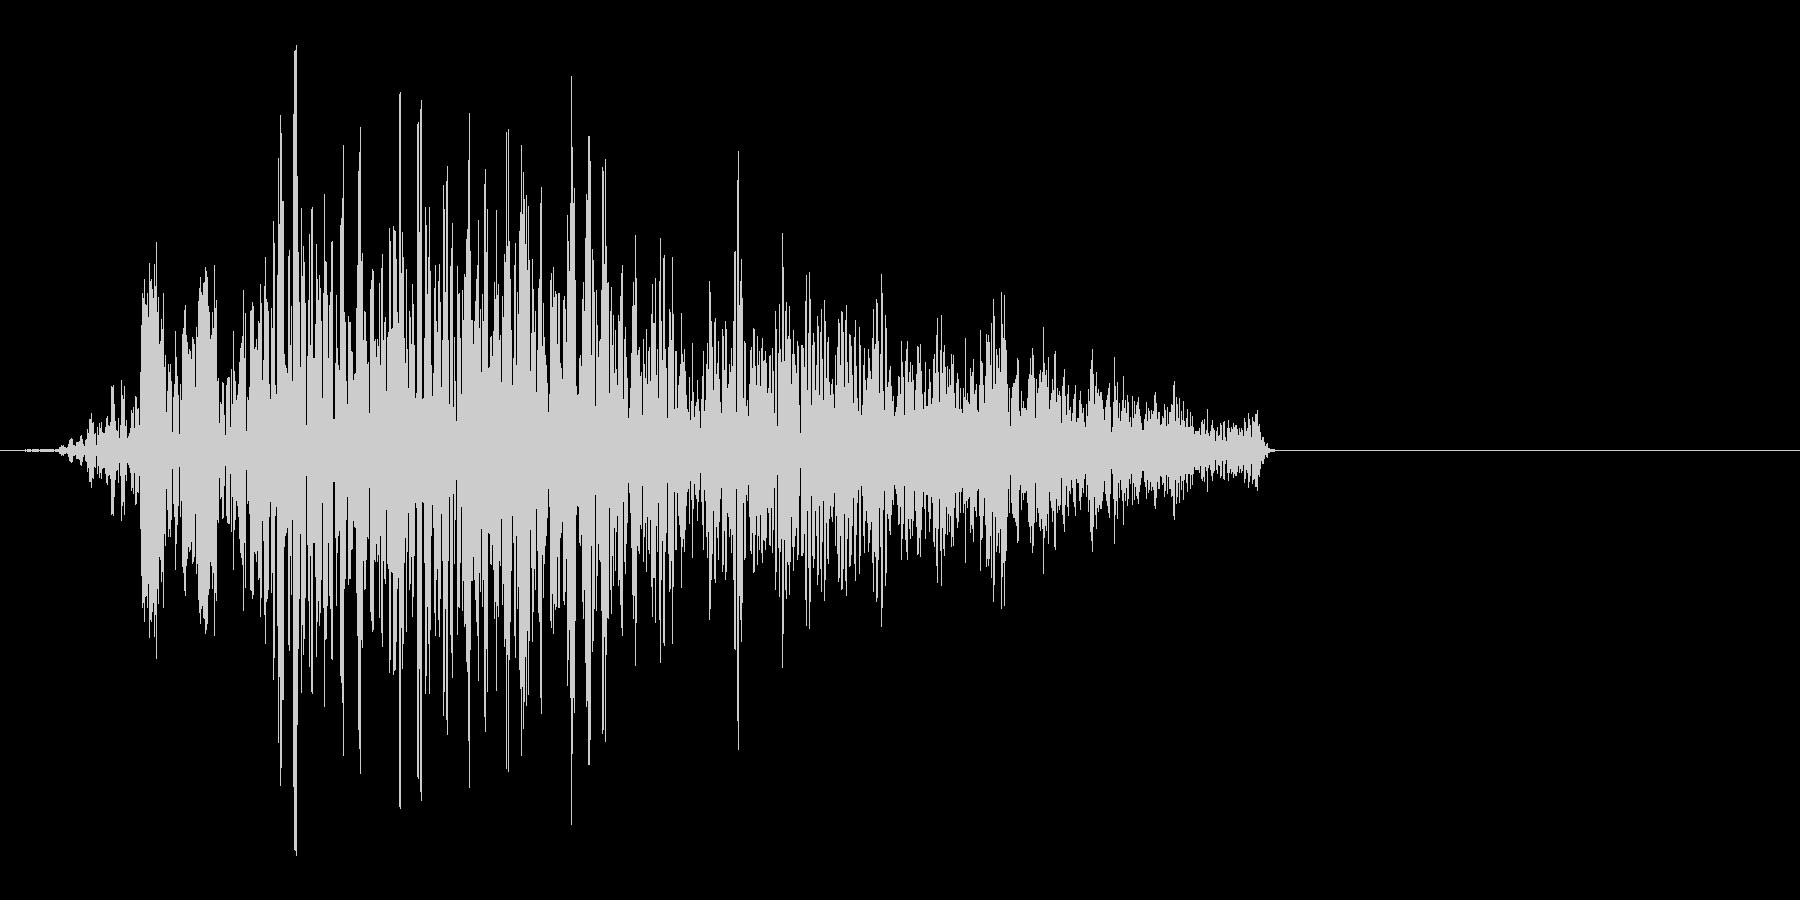 重力系の魔法をイメージした効果音ですの未再生の波形